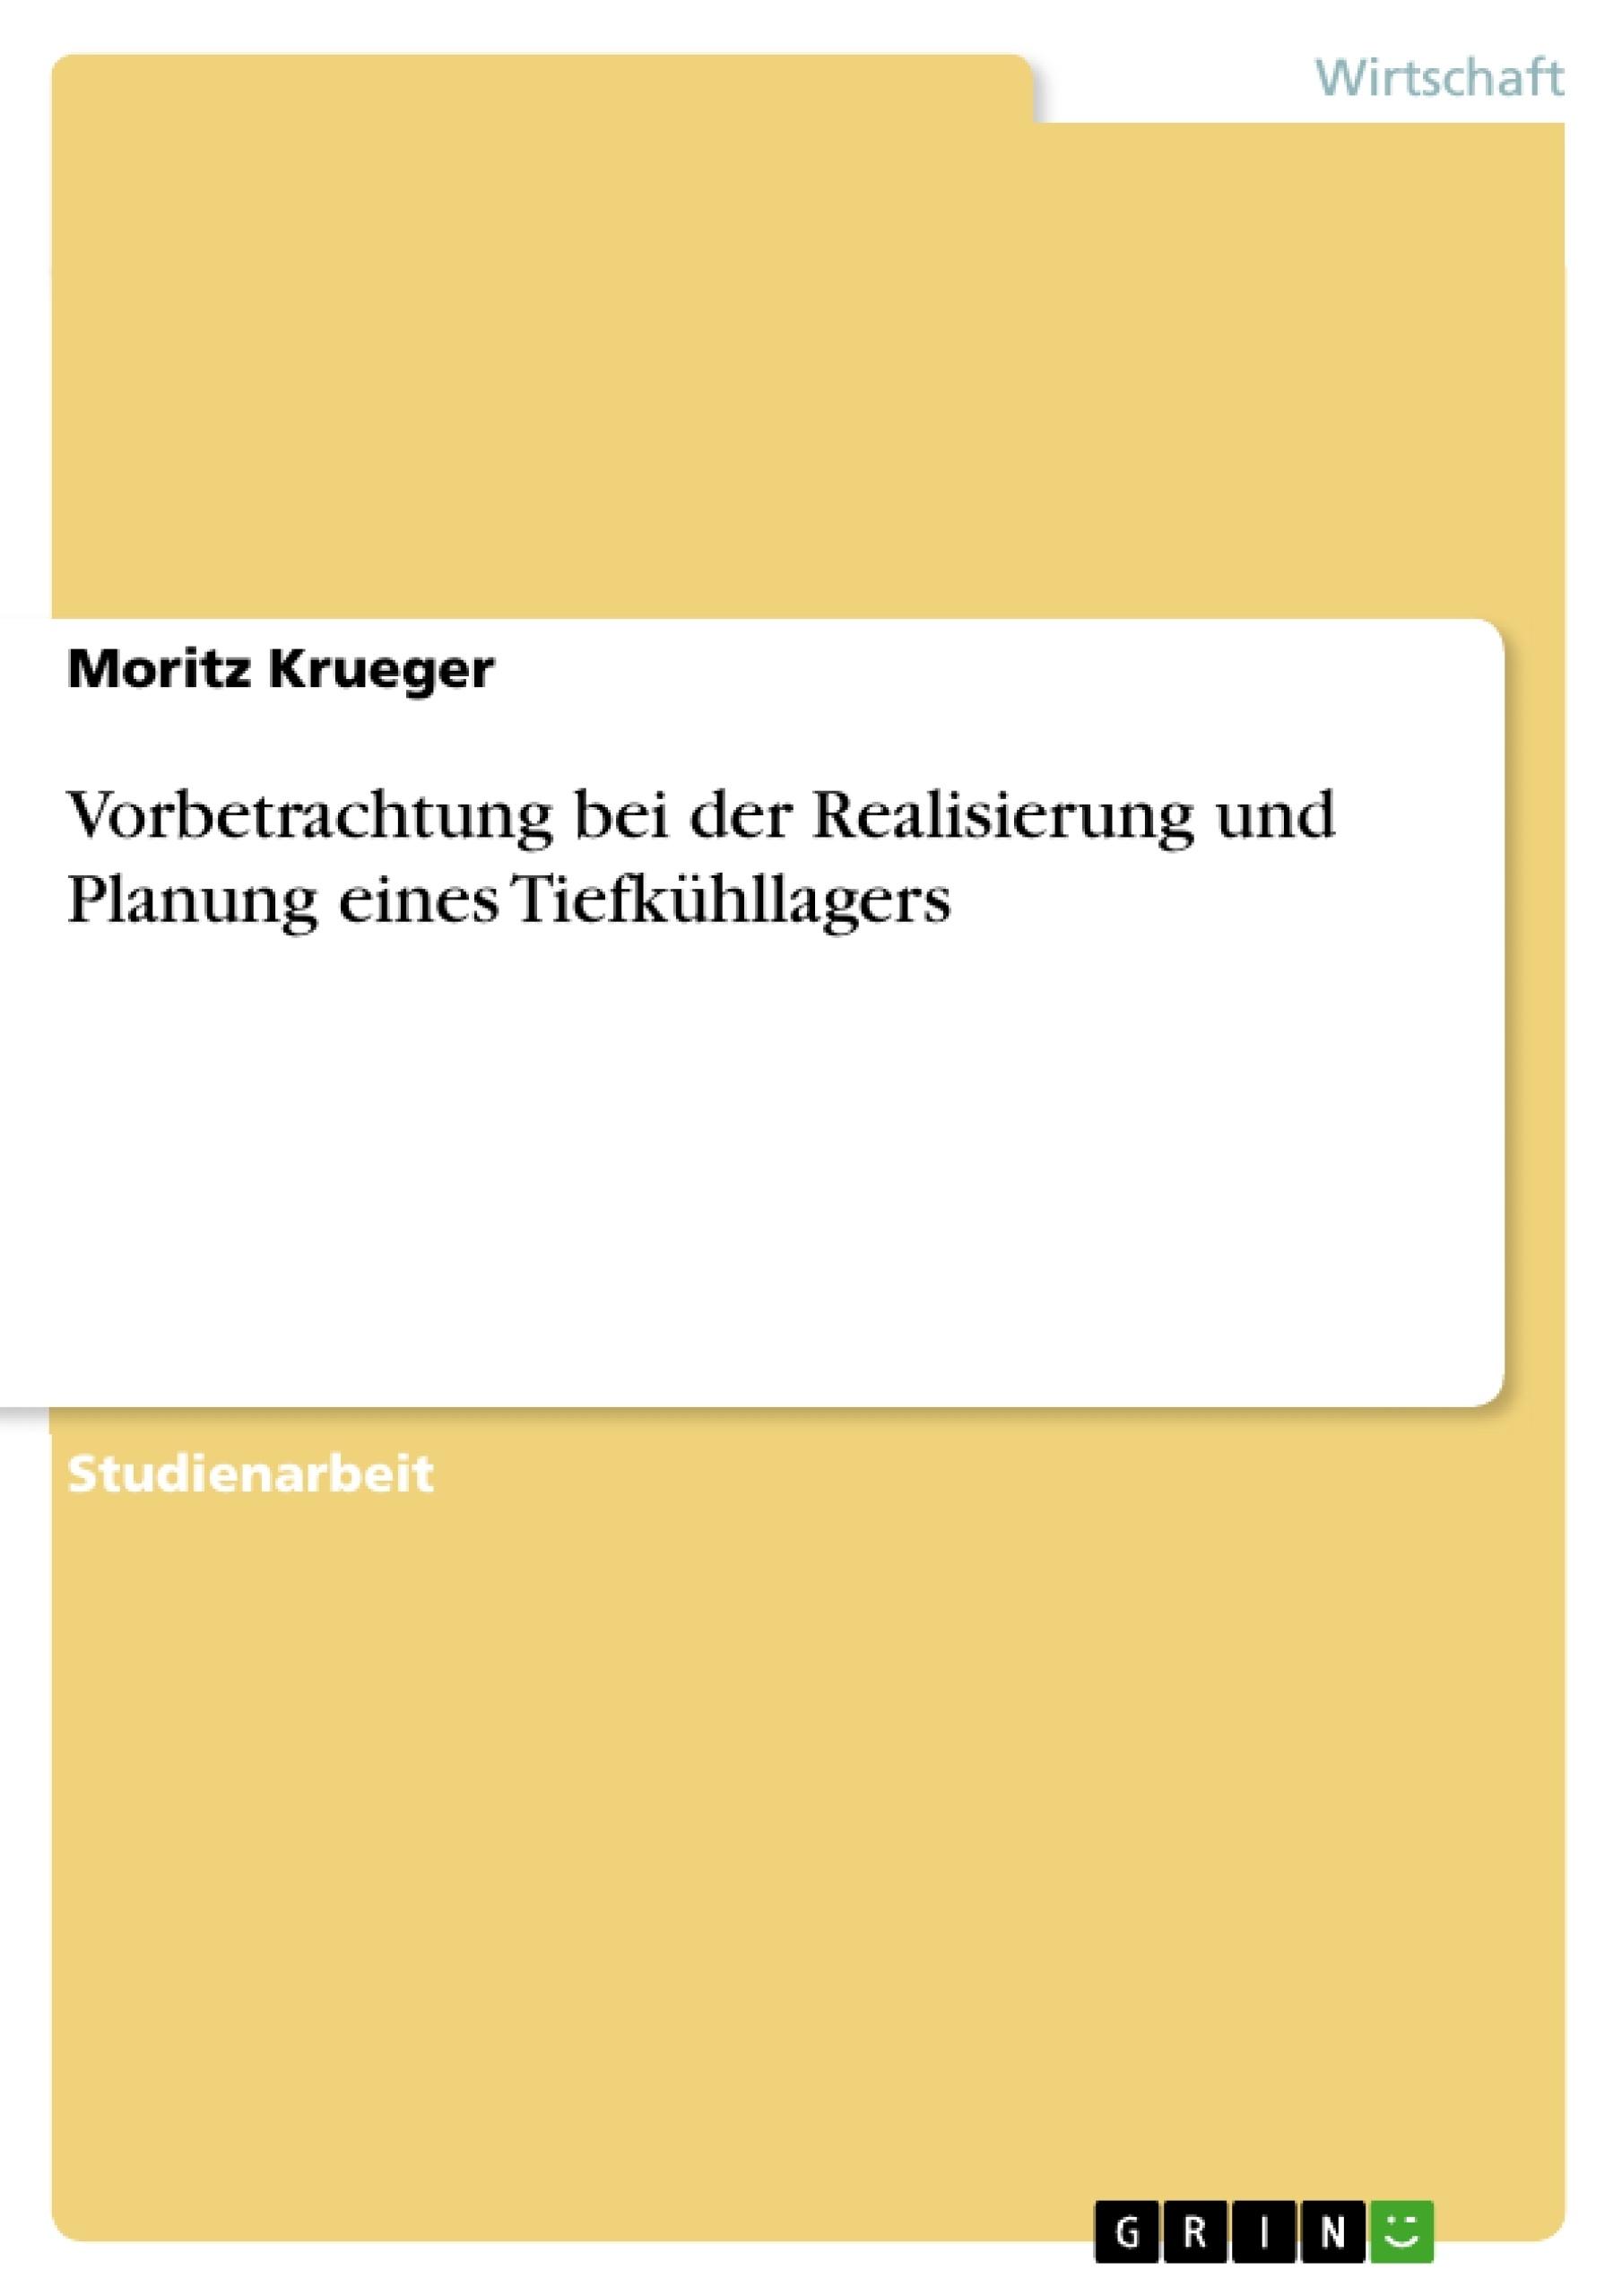 Titel: Vorbetrachtung bei der Realisierung und Planung eines Tiefkühllagers